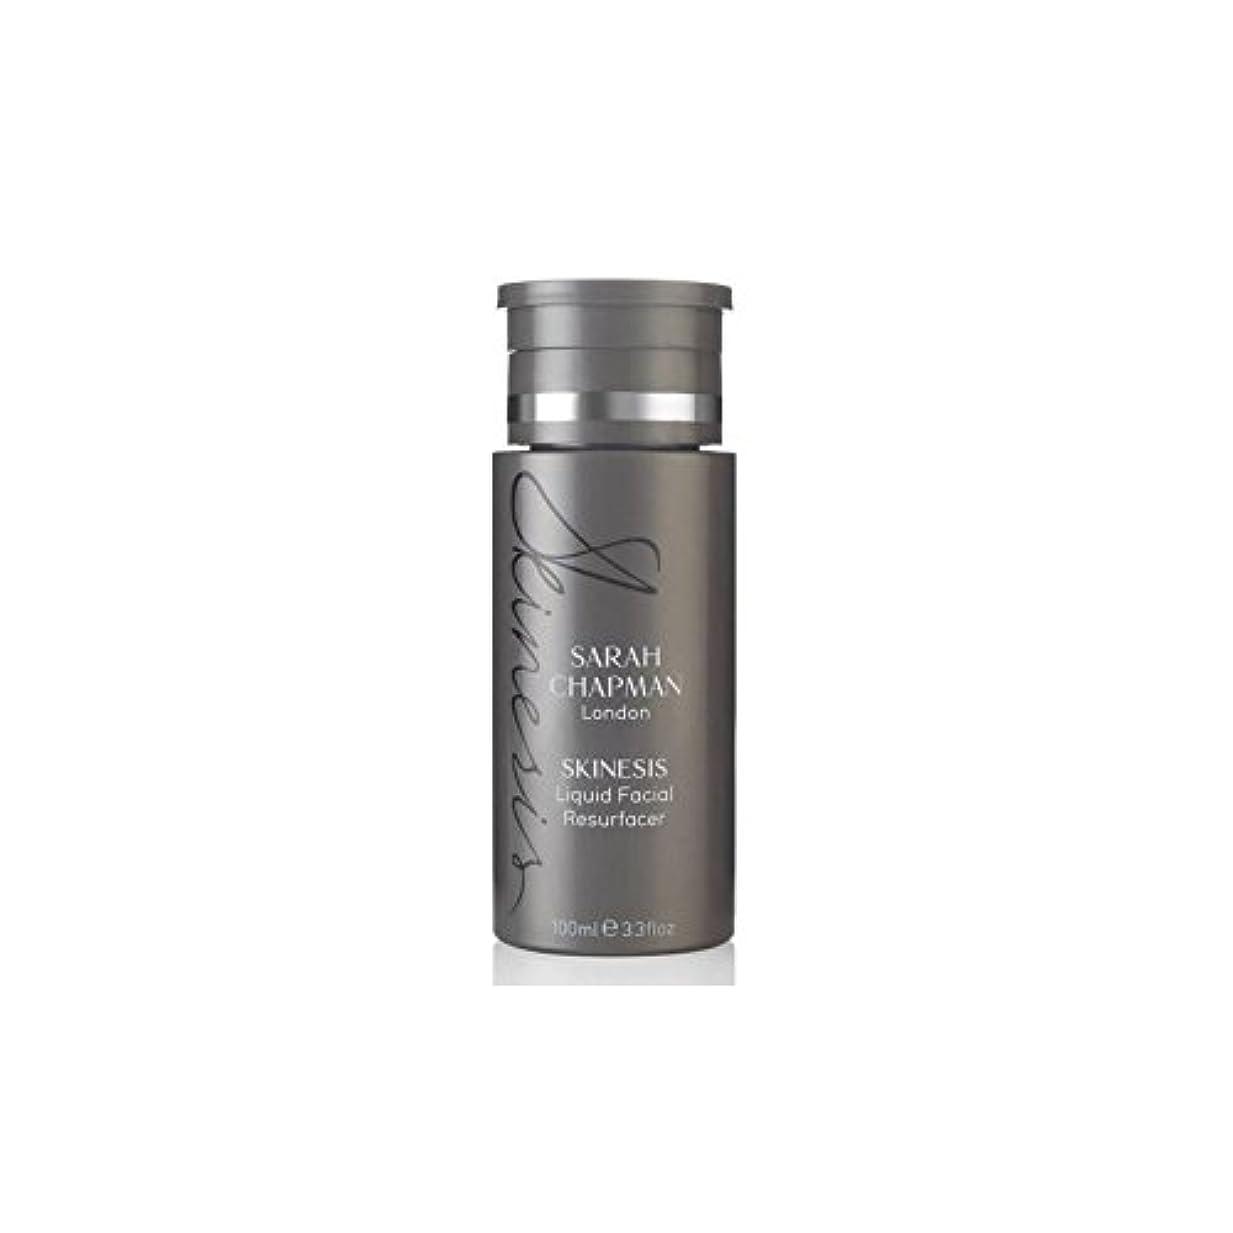 カール含意独裁サラチャップマン液体顔(100)に x2 - Sarah Chapman Skinesis Liquid Facial Resurfacer (100ml) (Pack of 2) [並行輸入品]